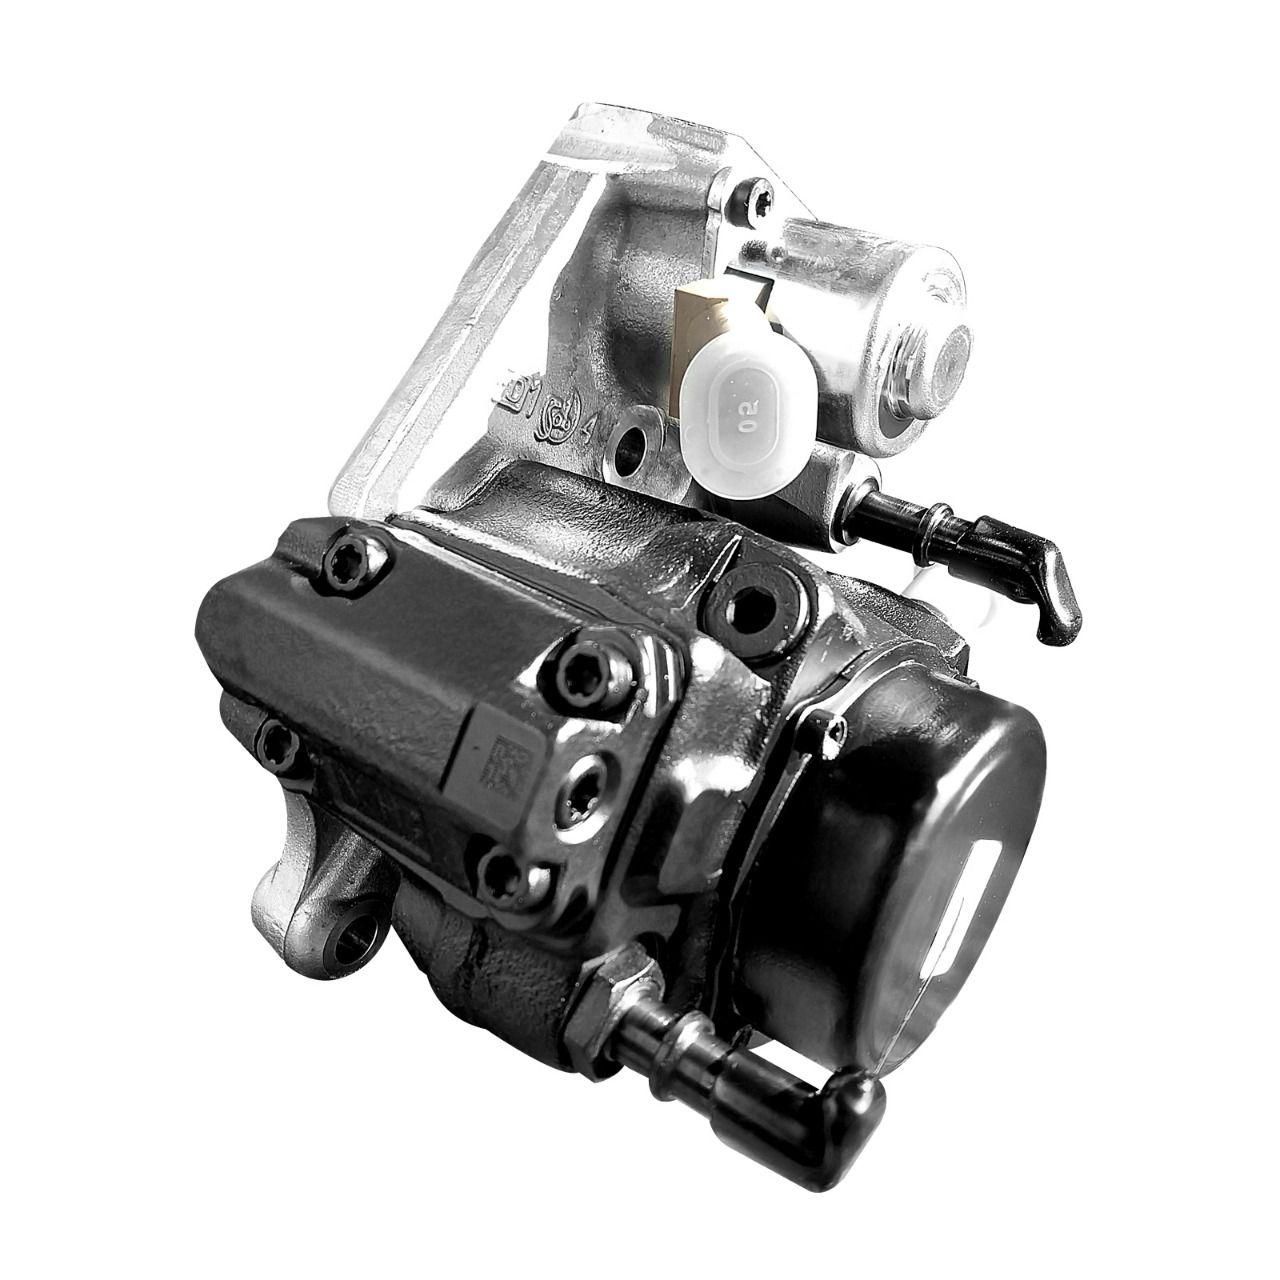 Bomba de Alta Pressão  Hyundai HR e Kia Bongo k2500 TCI 2.5 16v Euro V Ano 2012 a 2017 Nova original Delphi